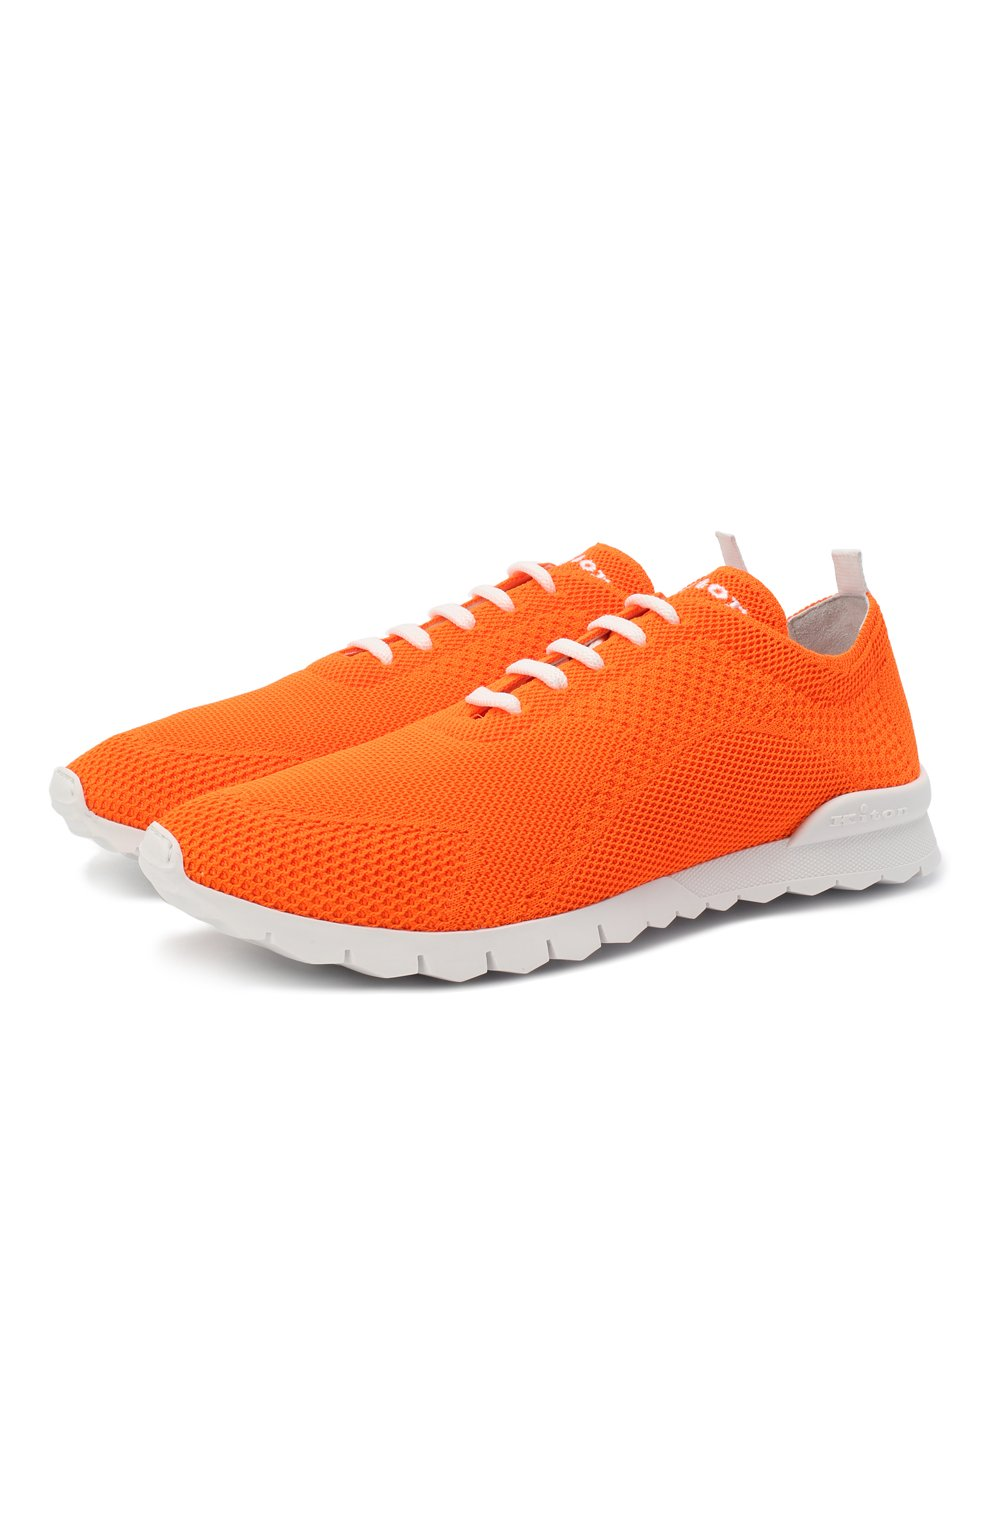 Мужские текстильные кроссовки KITON оранжевого цвета, арт. USSFITSN00809 | Фото 1